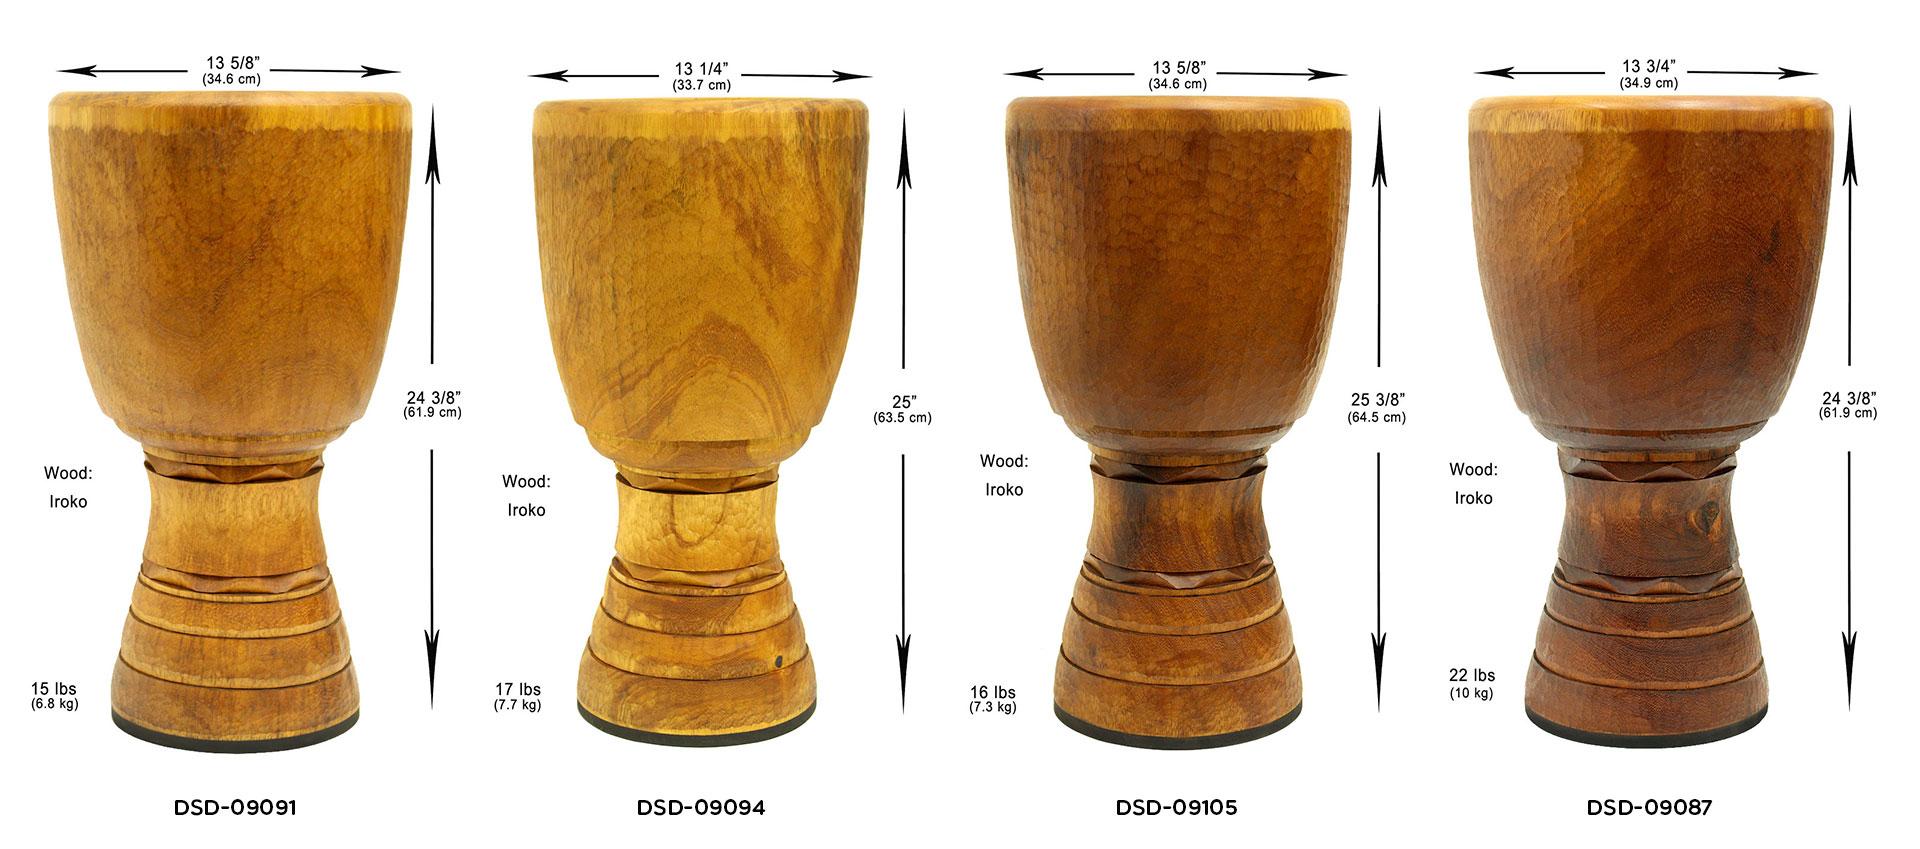 Ivory Coast Djembe shells